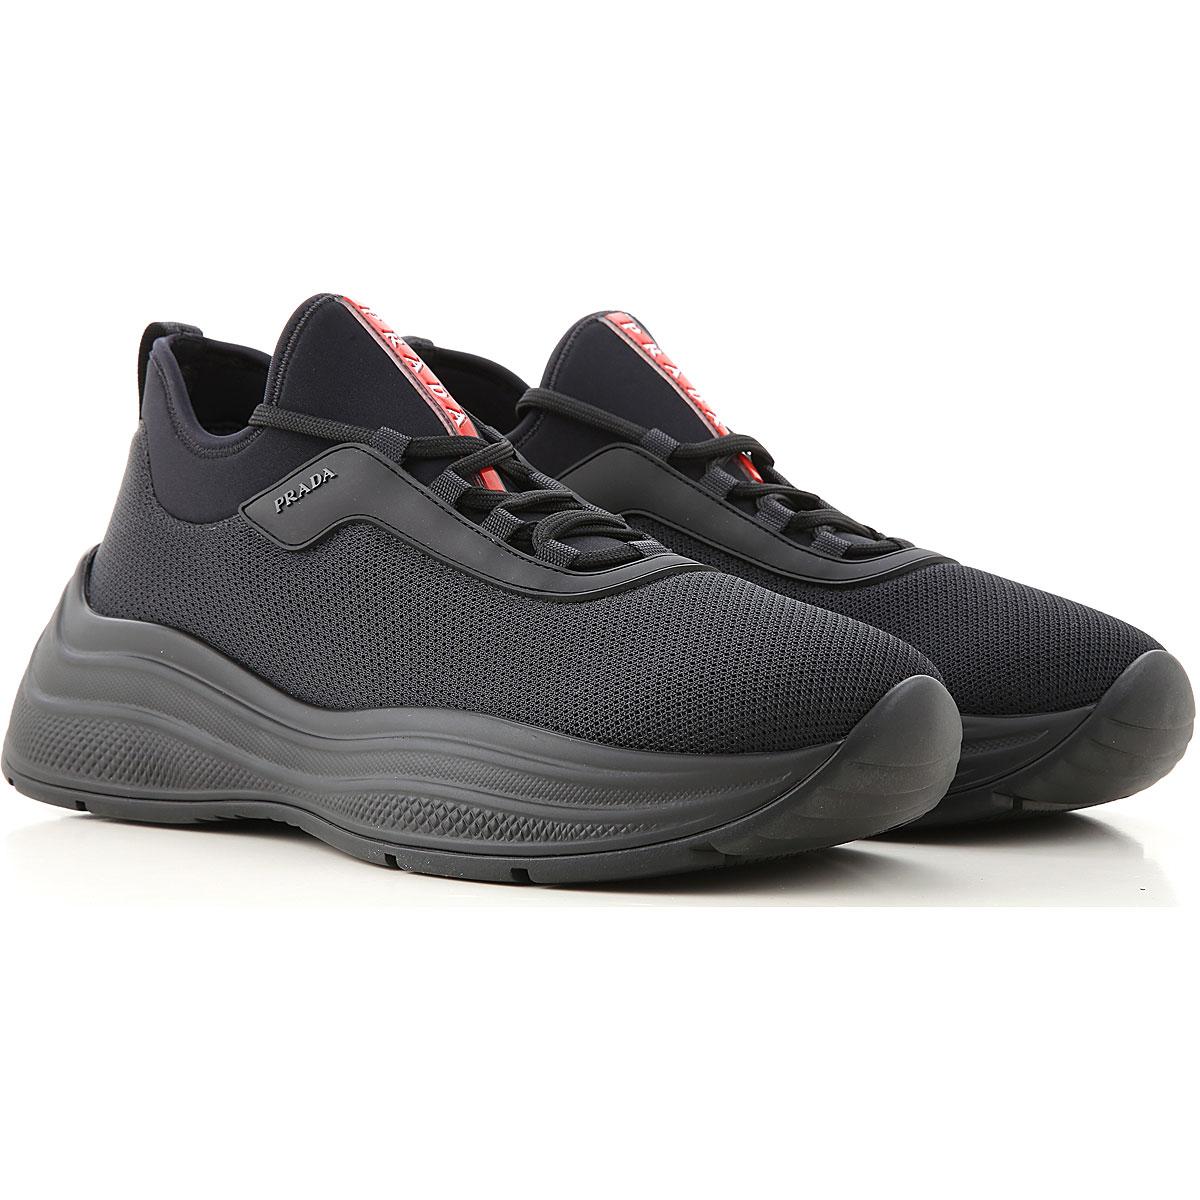 Prada Sneaker f�r Herren, Tennisschuh, Turnschuh G�nstig im Sale, Schwarz, Netz, 2019, 40 44